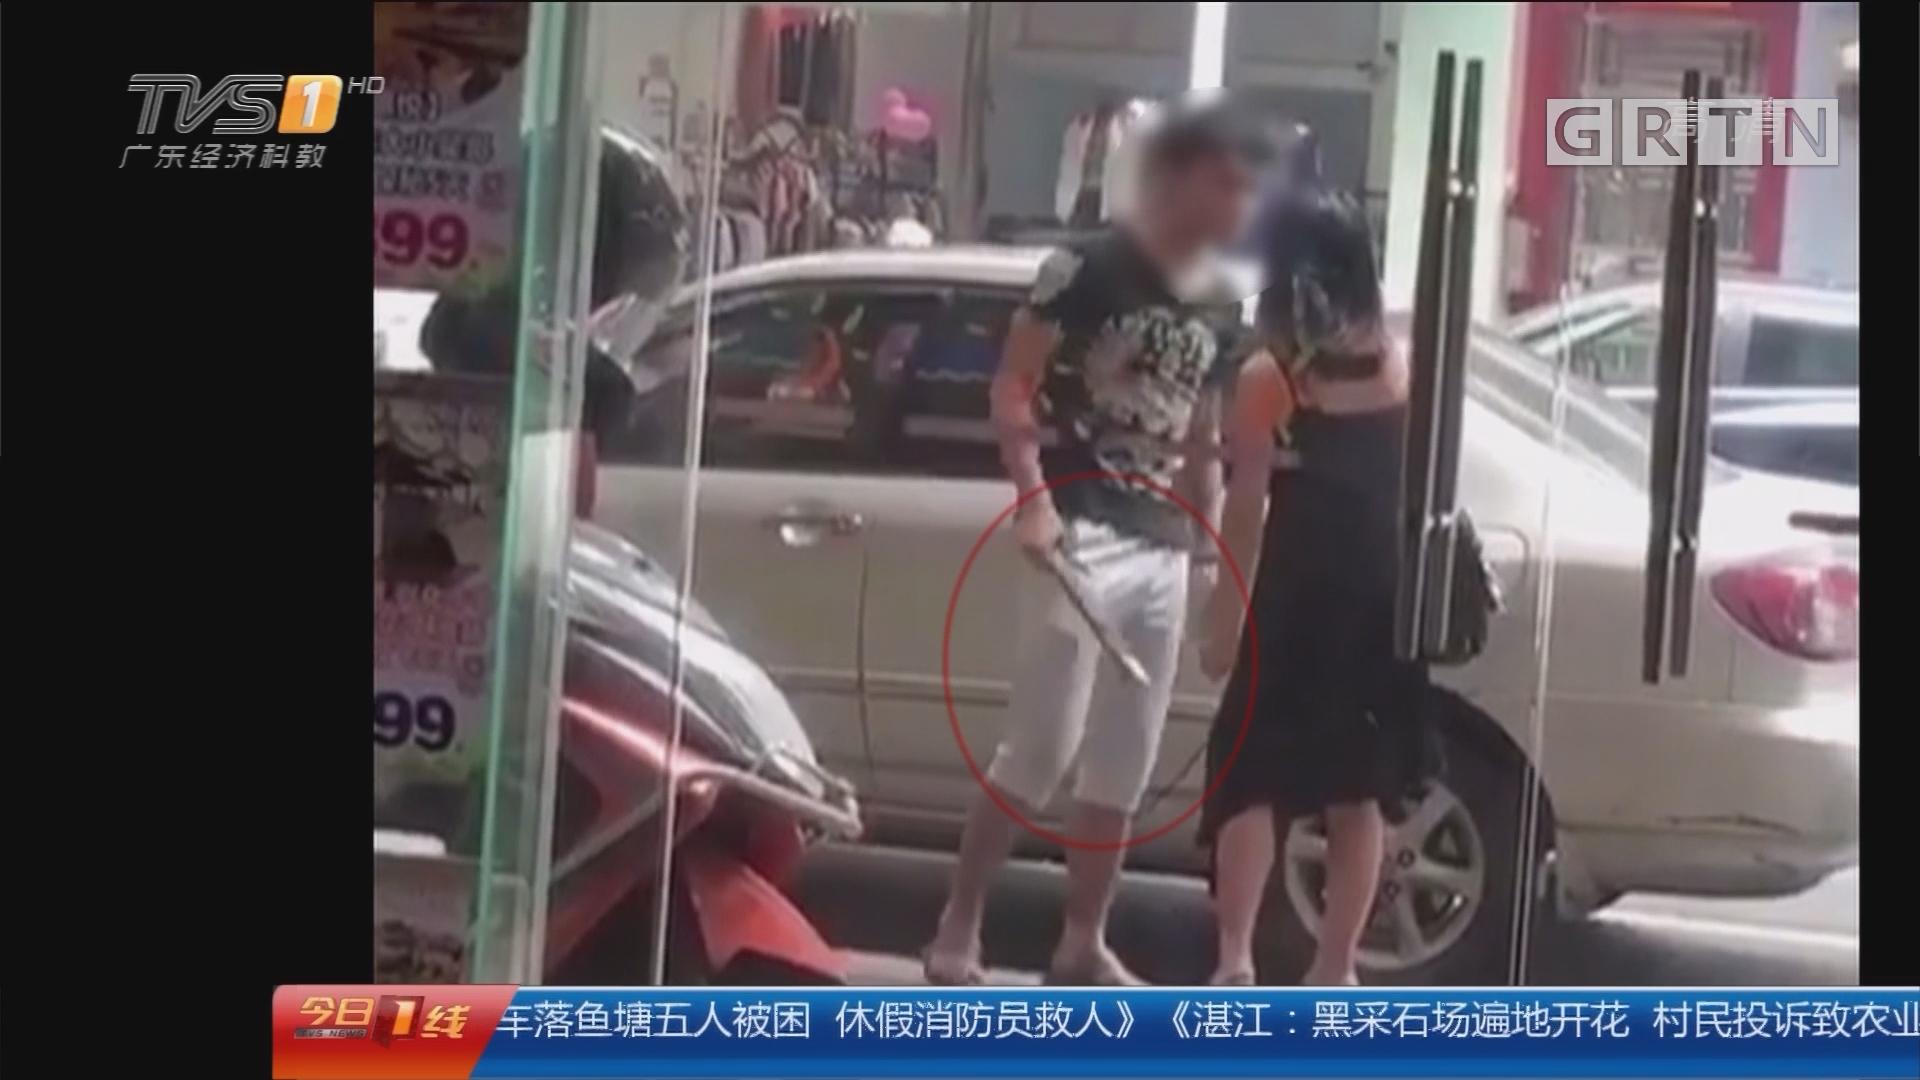 佛山顺德:男子街头对女子施暴 疑因情感纠纷?